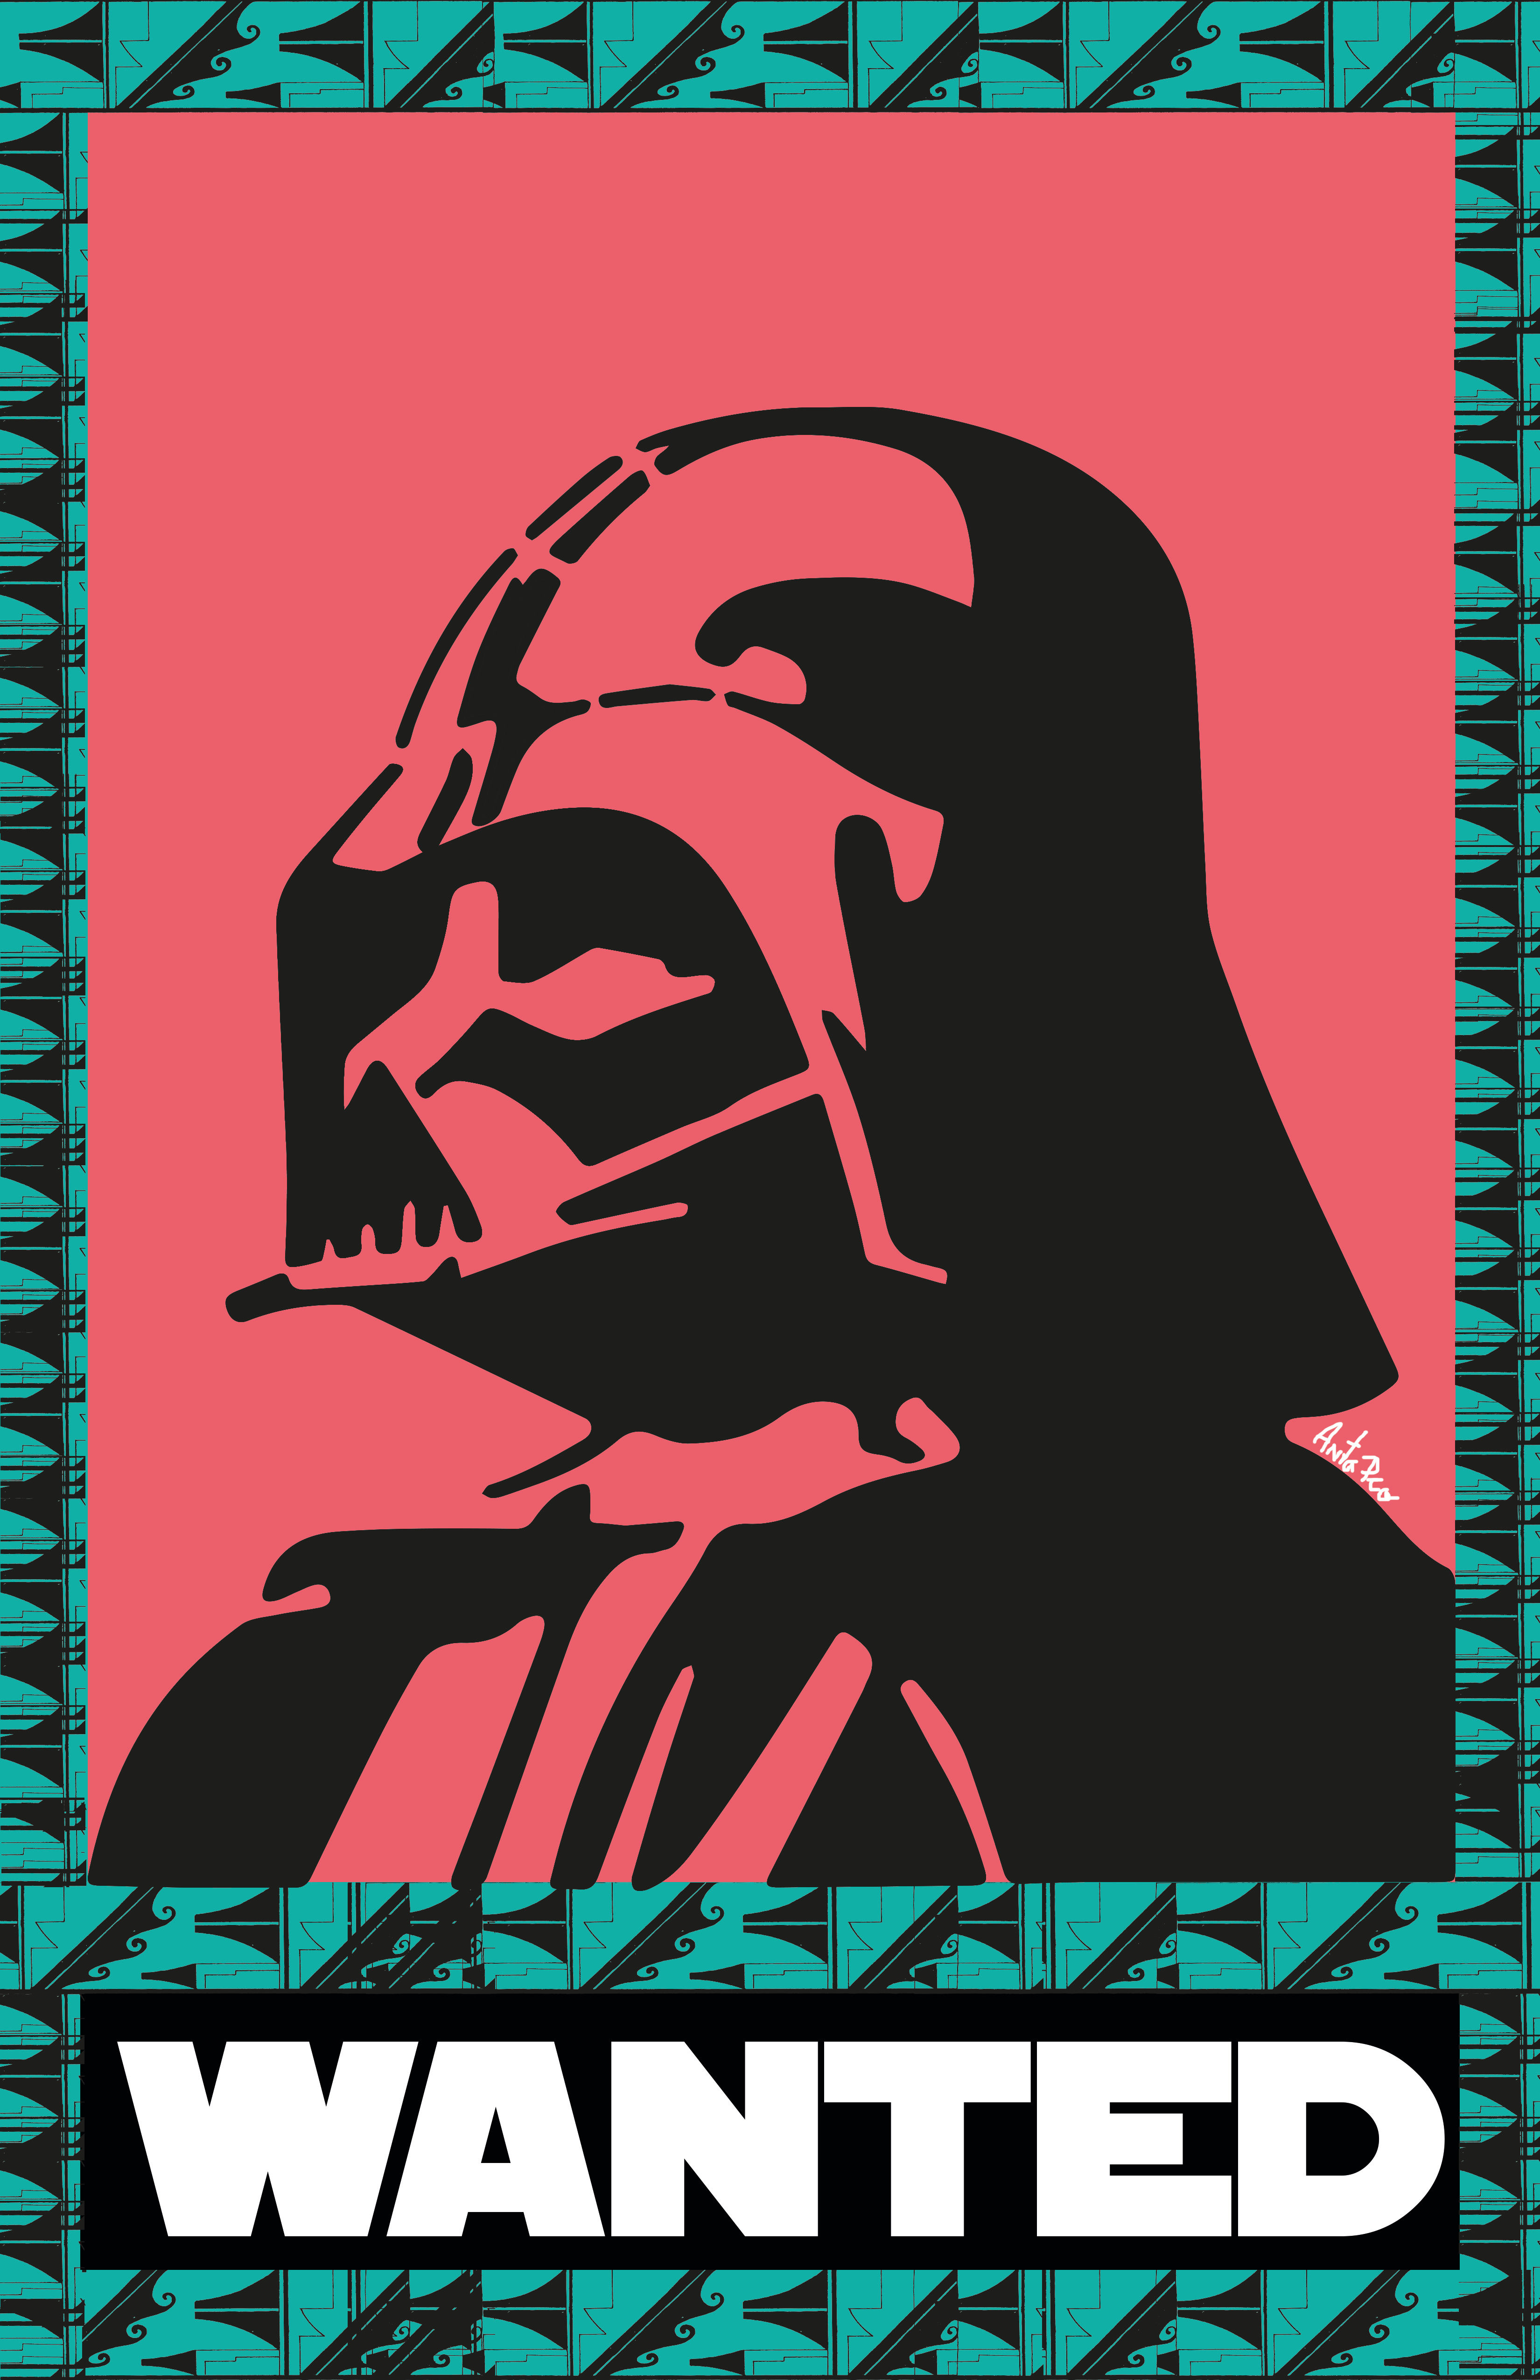 Darth Vader pop art (2018)